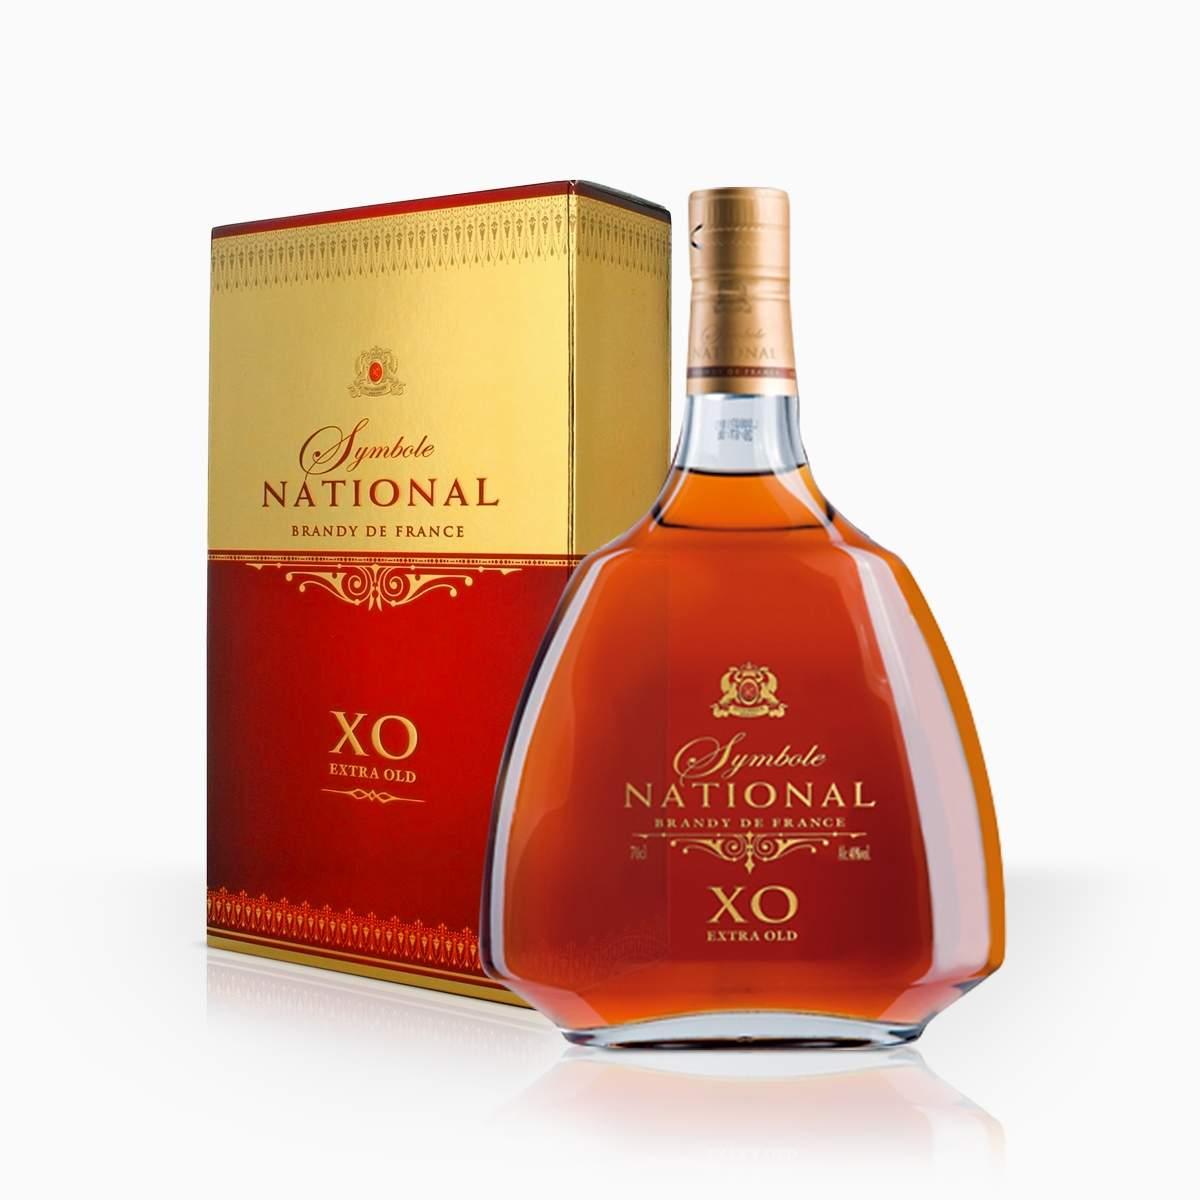 Brandy Symbole National XO 40% 0,7l